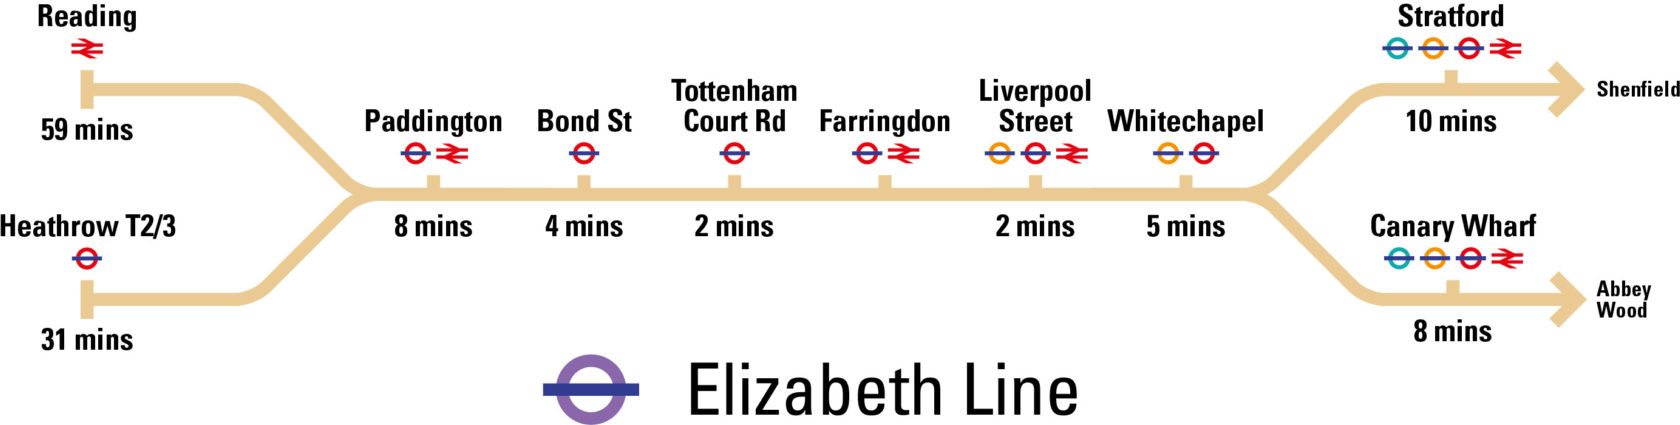 Elizabeth line v2